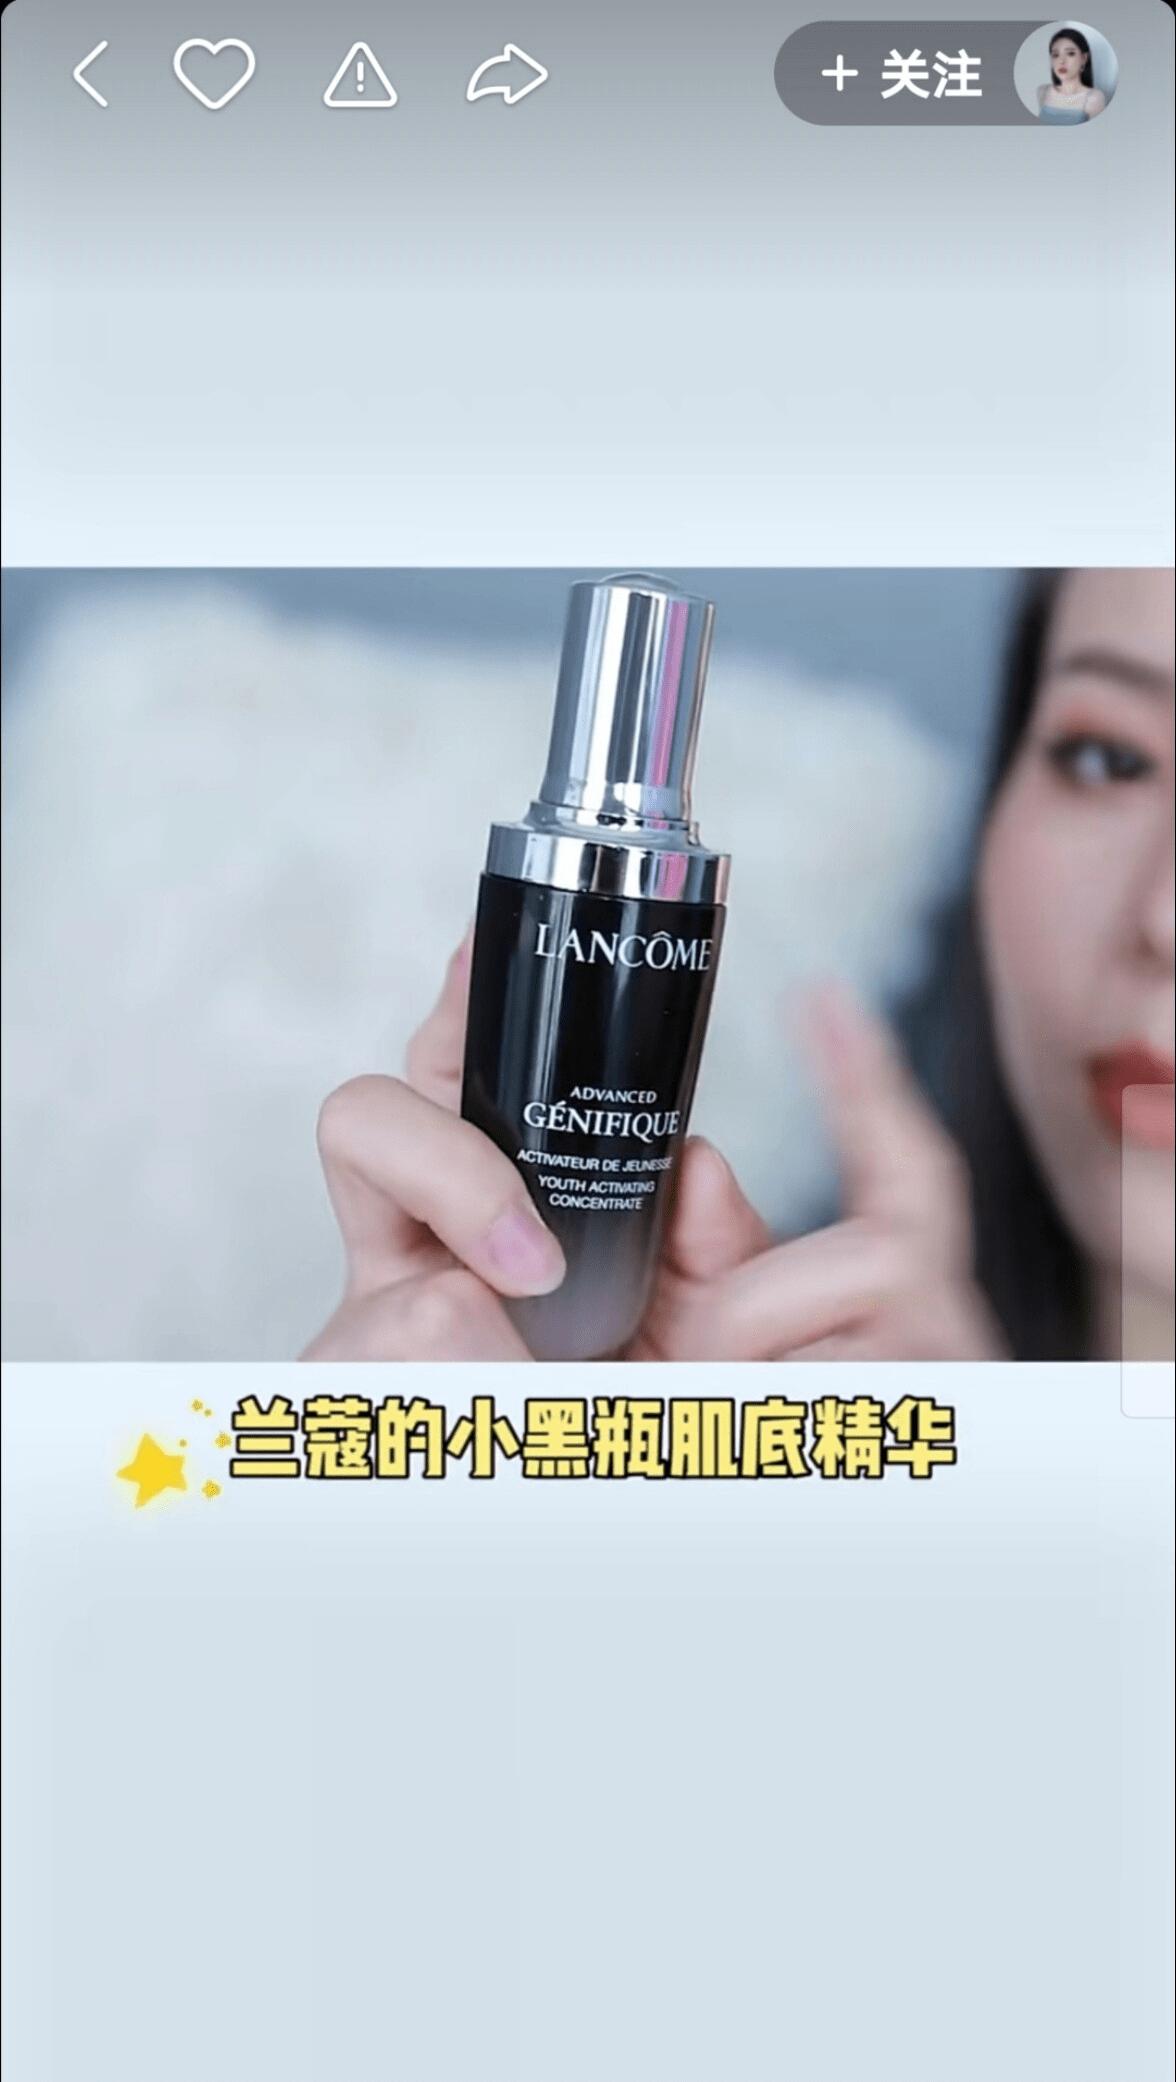 快手磁力聚星创作者独特创意助力传播,释放美妆个护领域营销潜力